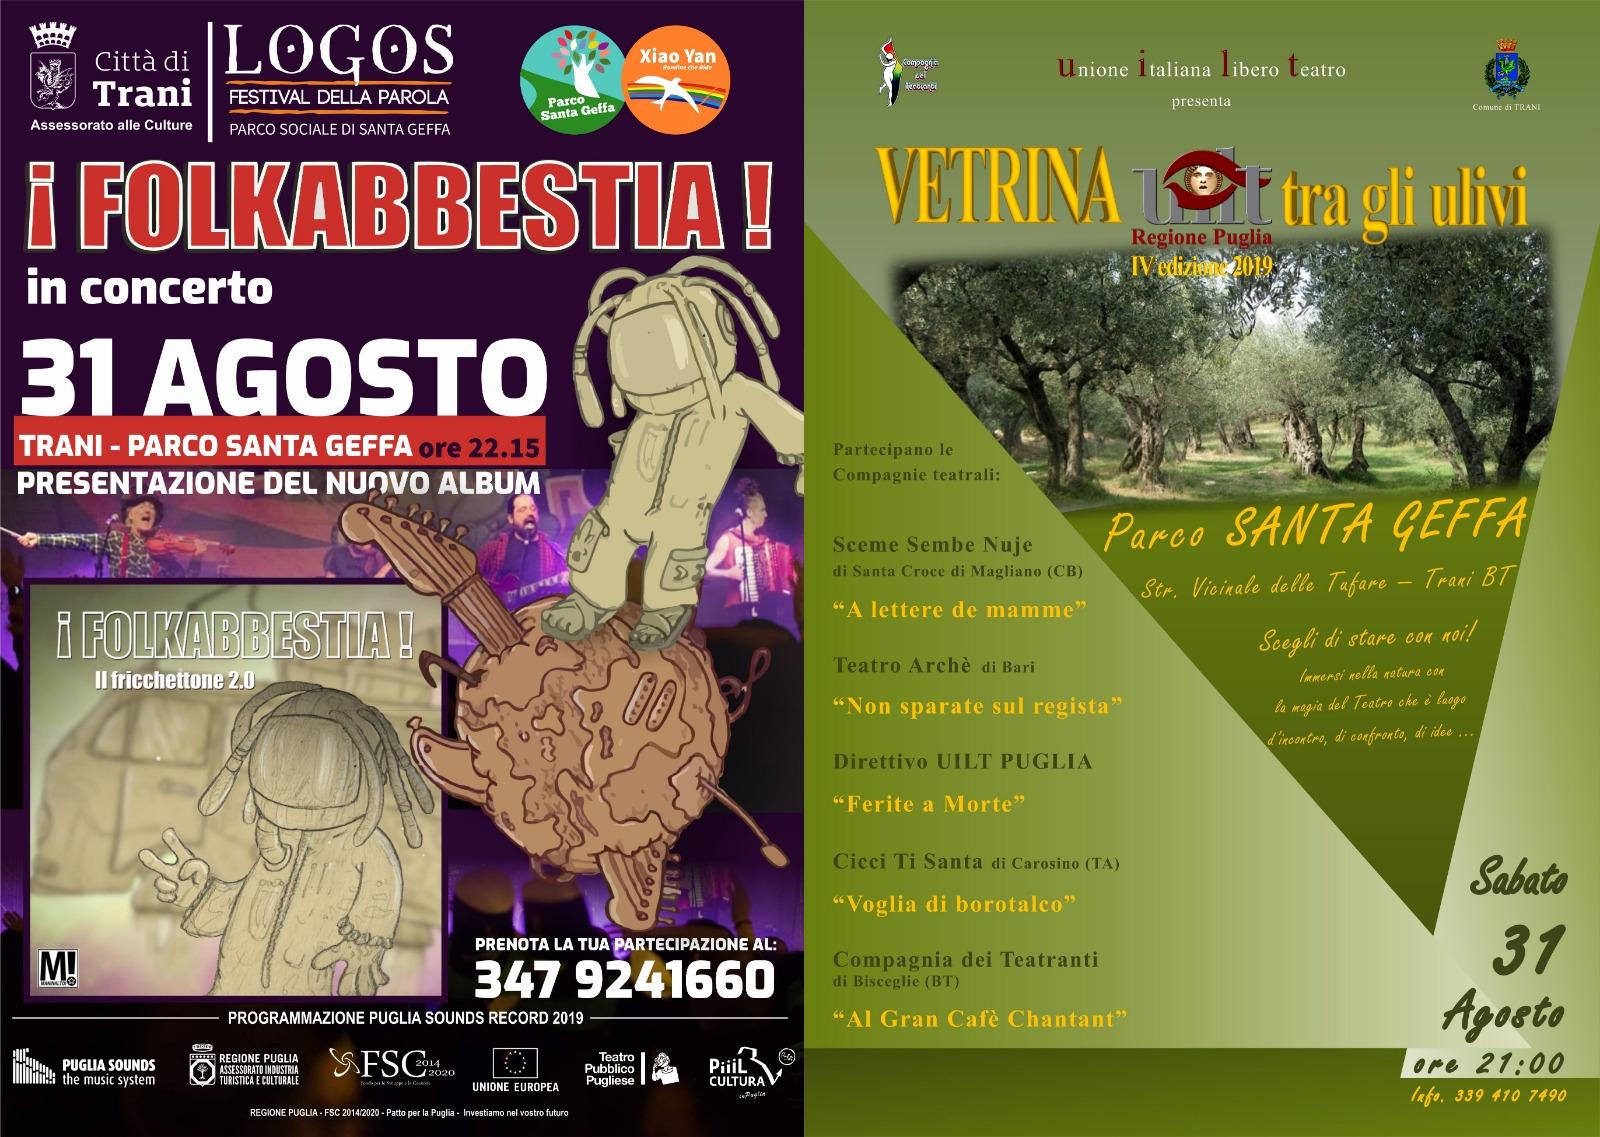 Locandina Logos Festival, finale con Folkabbestia e Rassegna teatrale UILT